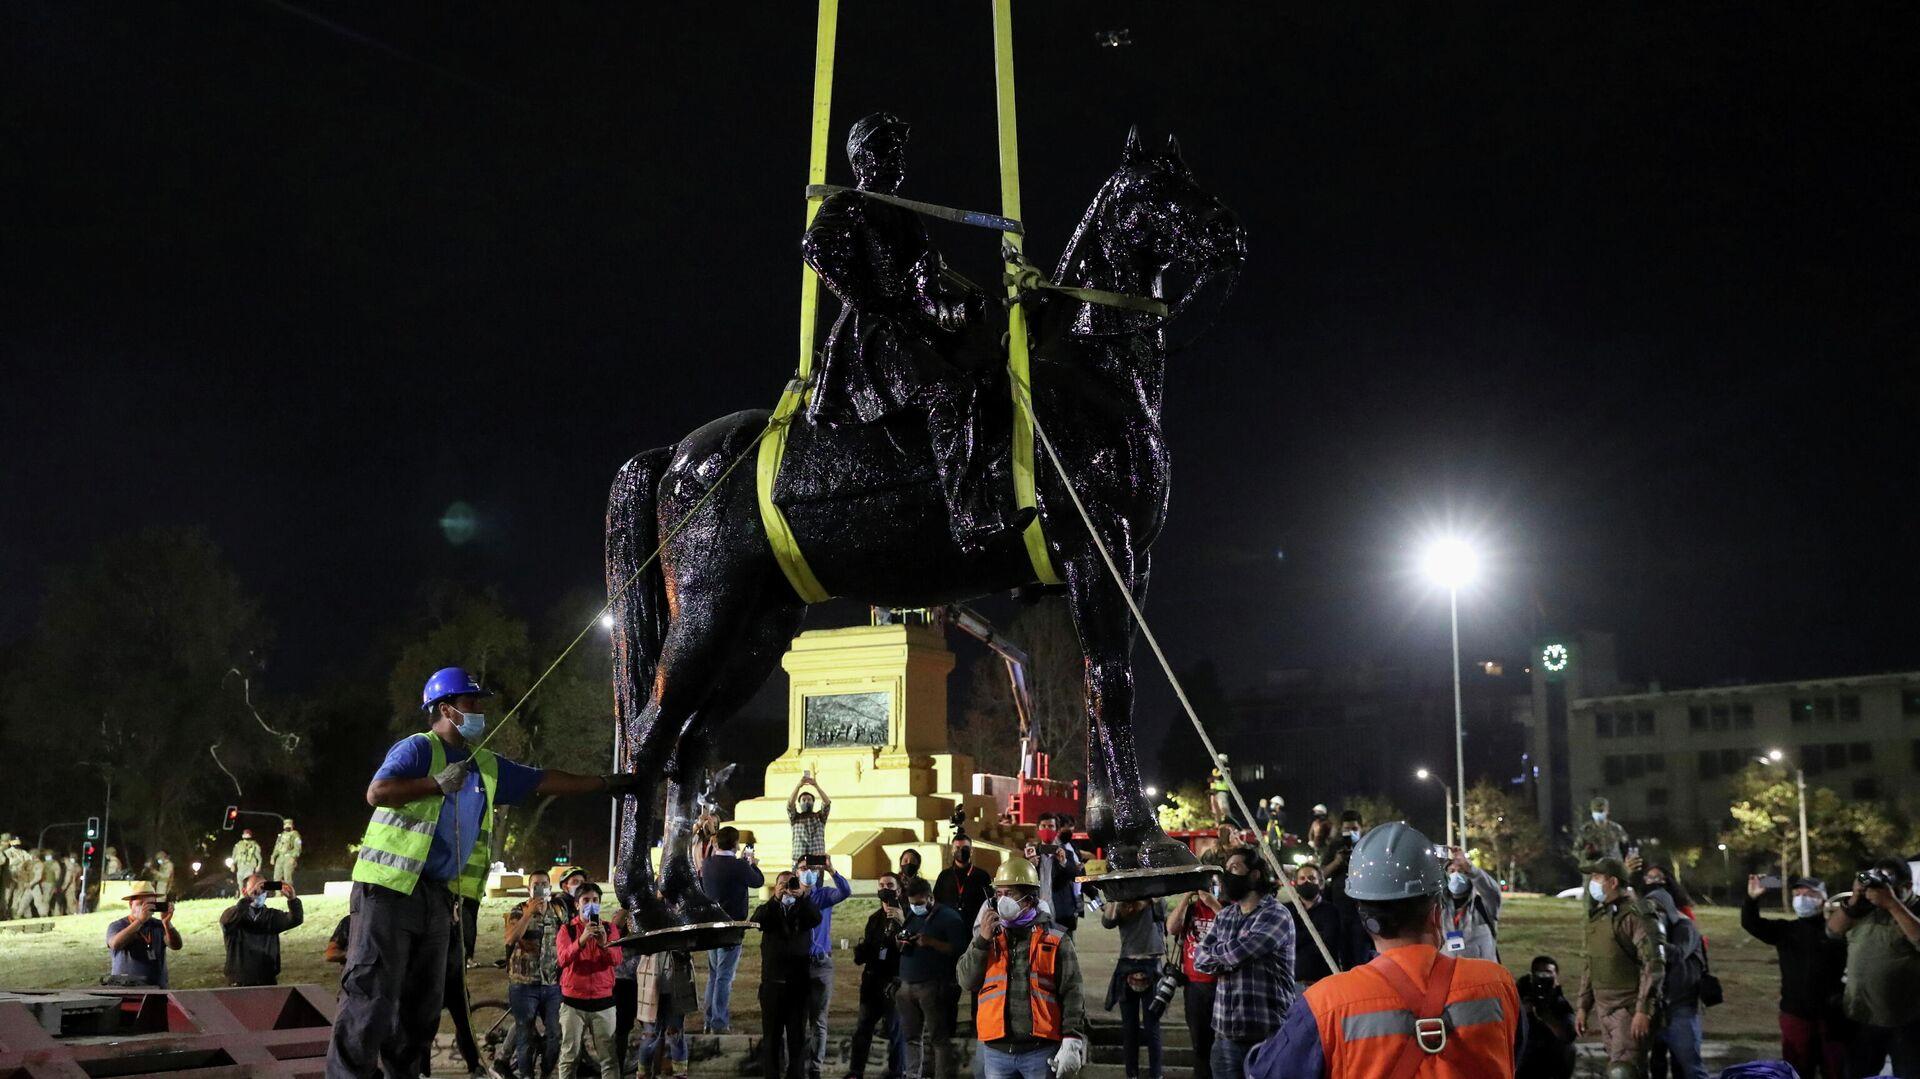 El desmantelamiento del monumento del general Manuel Baquedano, Santiago de Chile, Chile, el 12 de marzo del 2021 - Sputnik Mundo, 1920, 19.03.2021